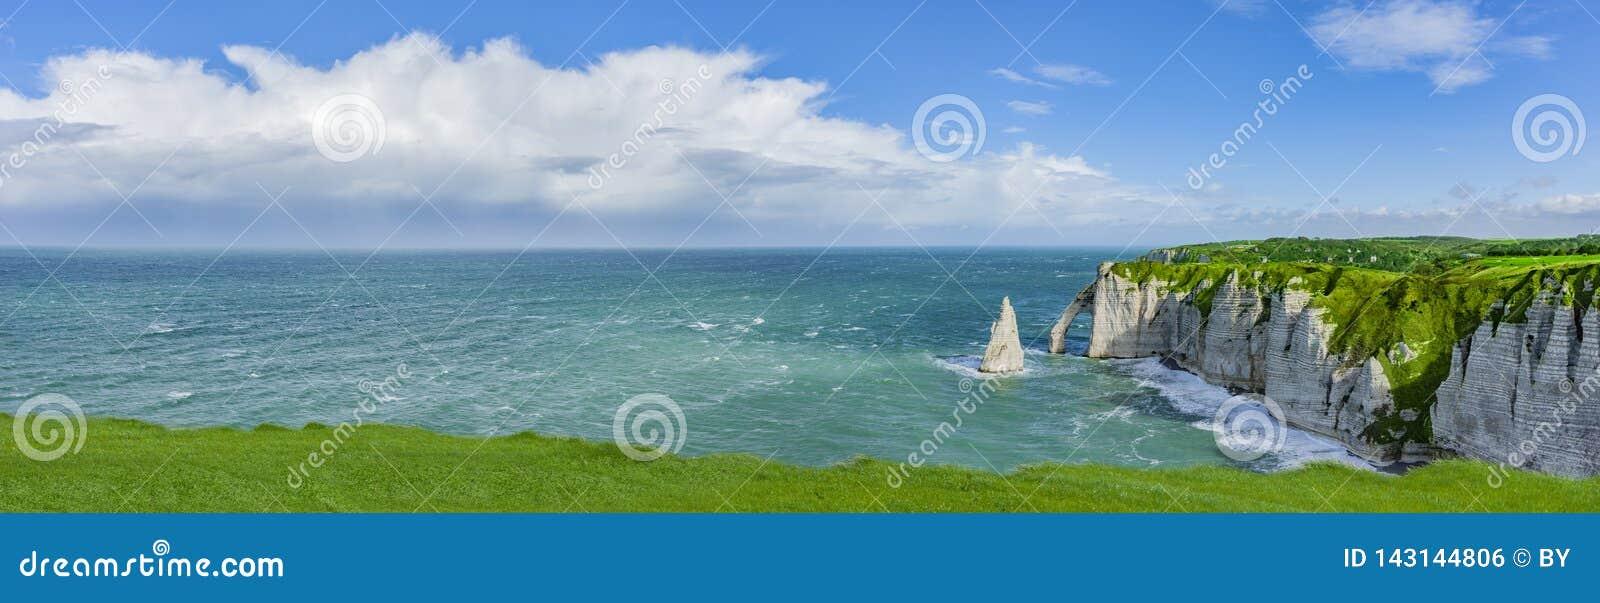 Panoramablick der Klippen von Normandie